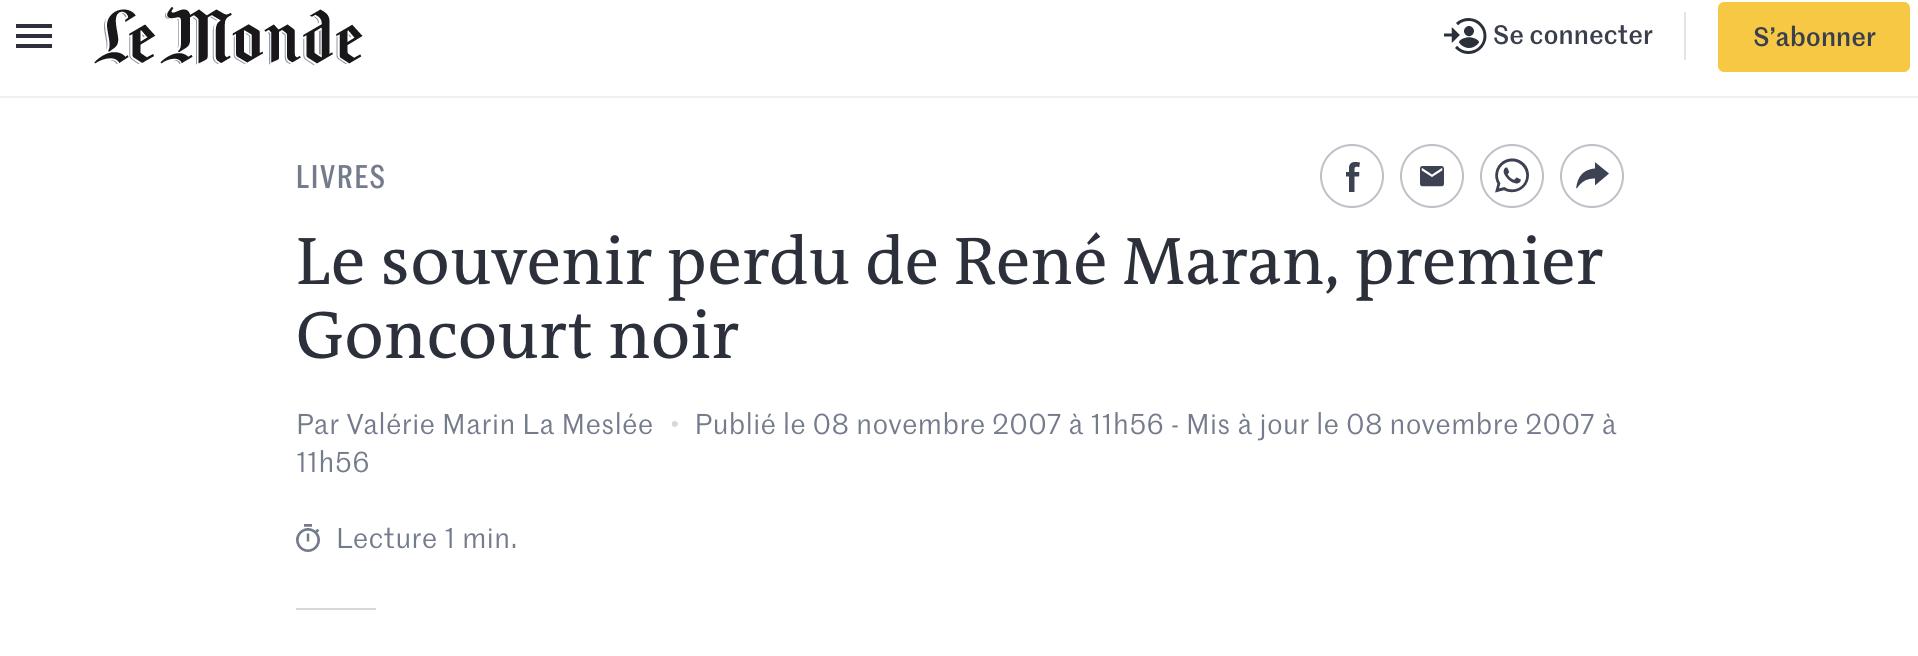 Le souvenir perdu de René Maran premier Goncourt noir